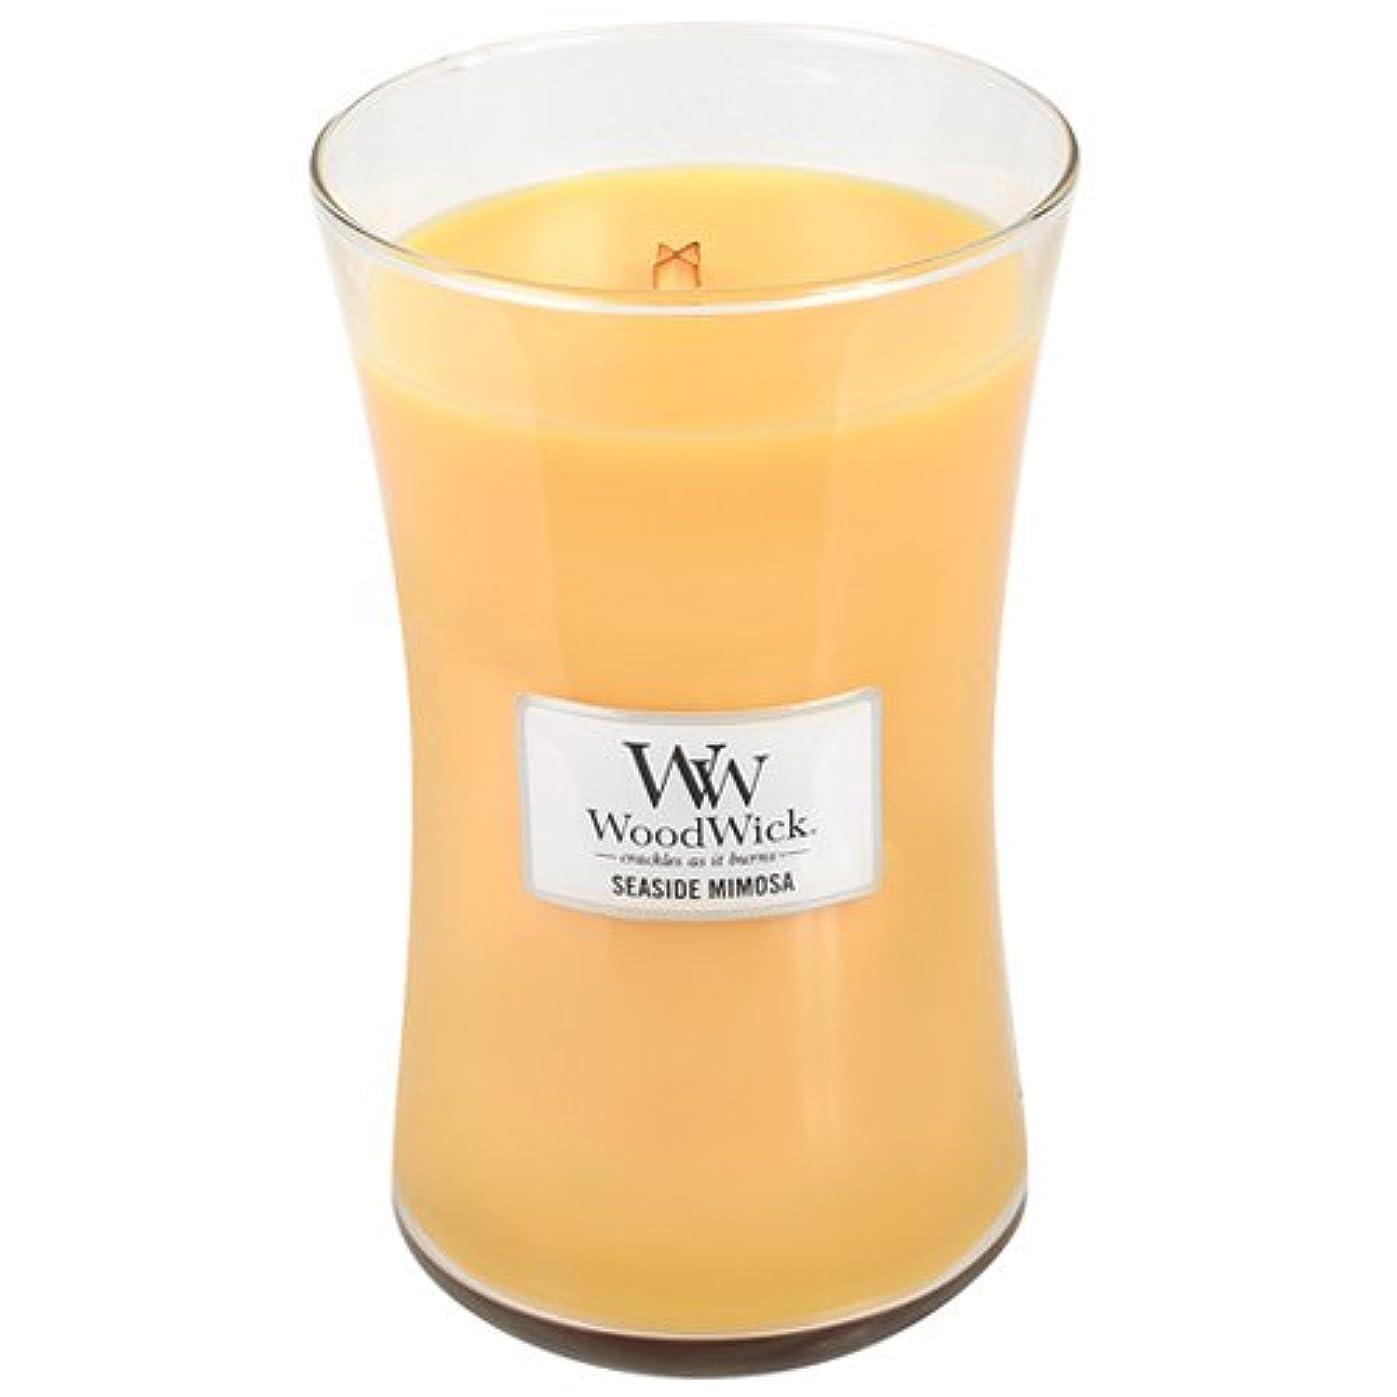 しおれた落胆するふけるSeasideミモザWoodWick 22oz香りつきJar Candle Burns 180時間